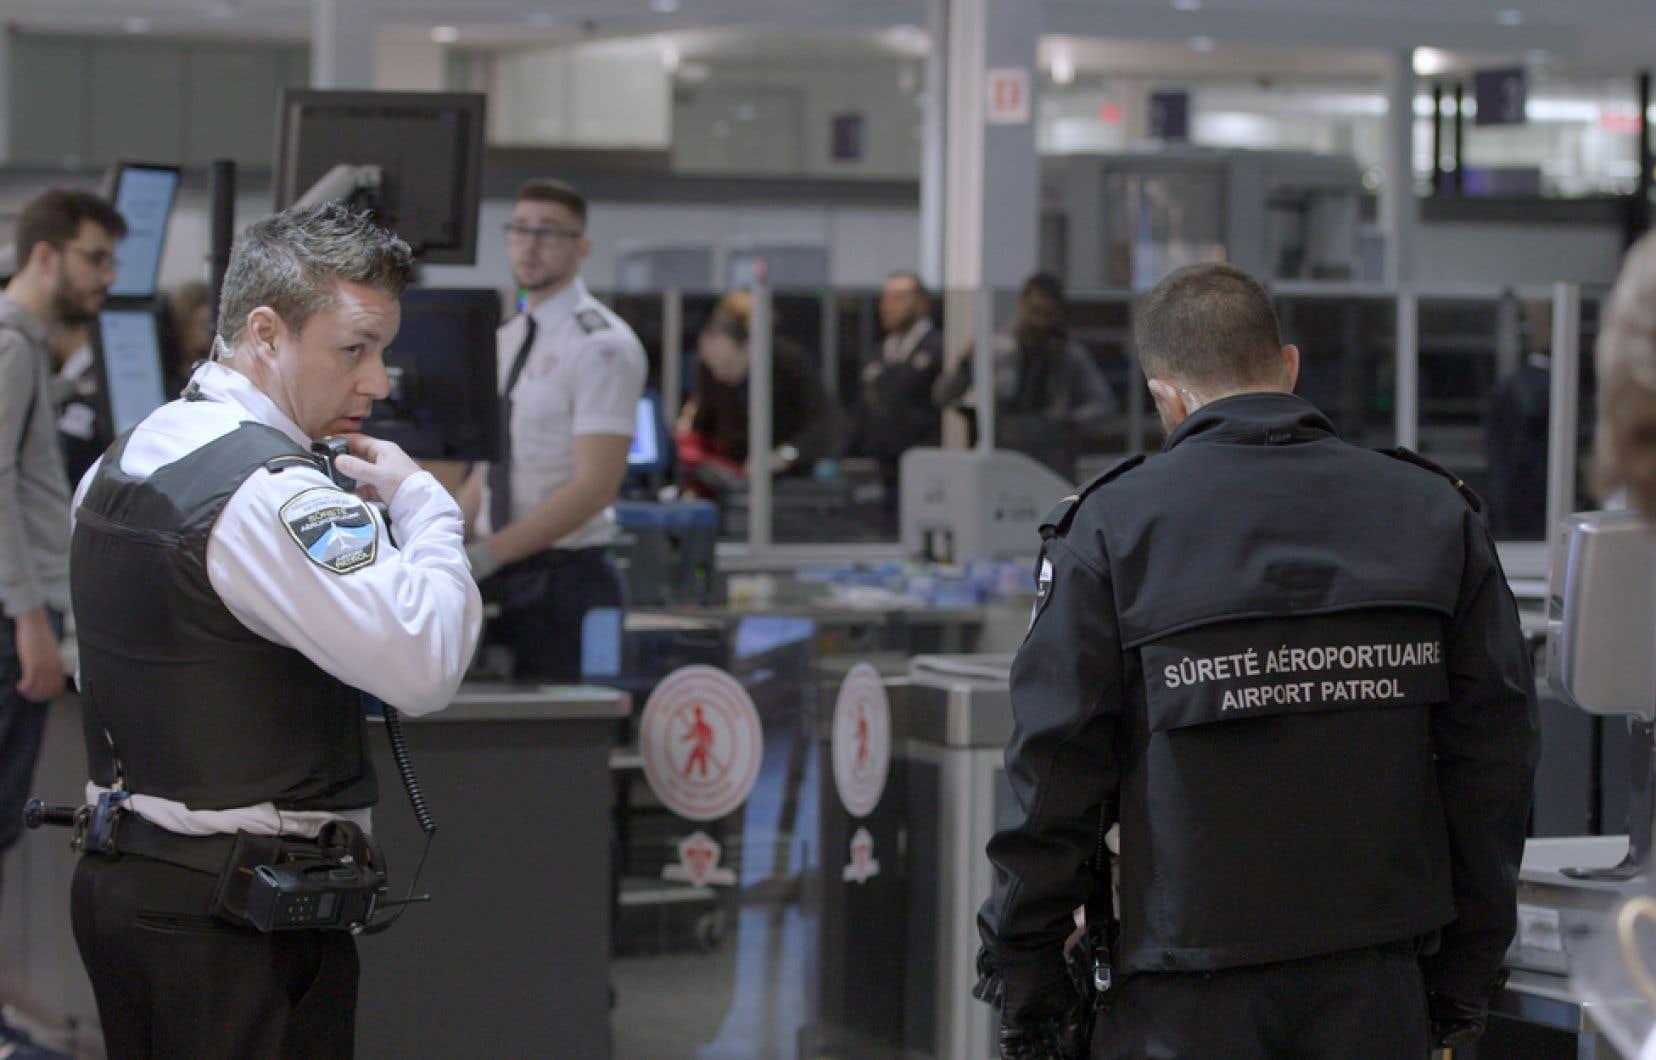 Canal D reprend la série documentaire «YUL: la vie à l'aéroport», qui propose une incursion dans les coulisses de l'aérogare montréalaise.